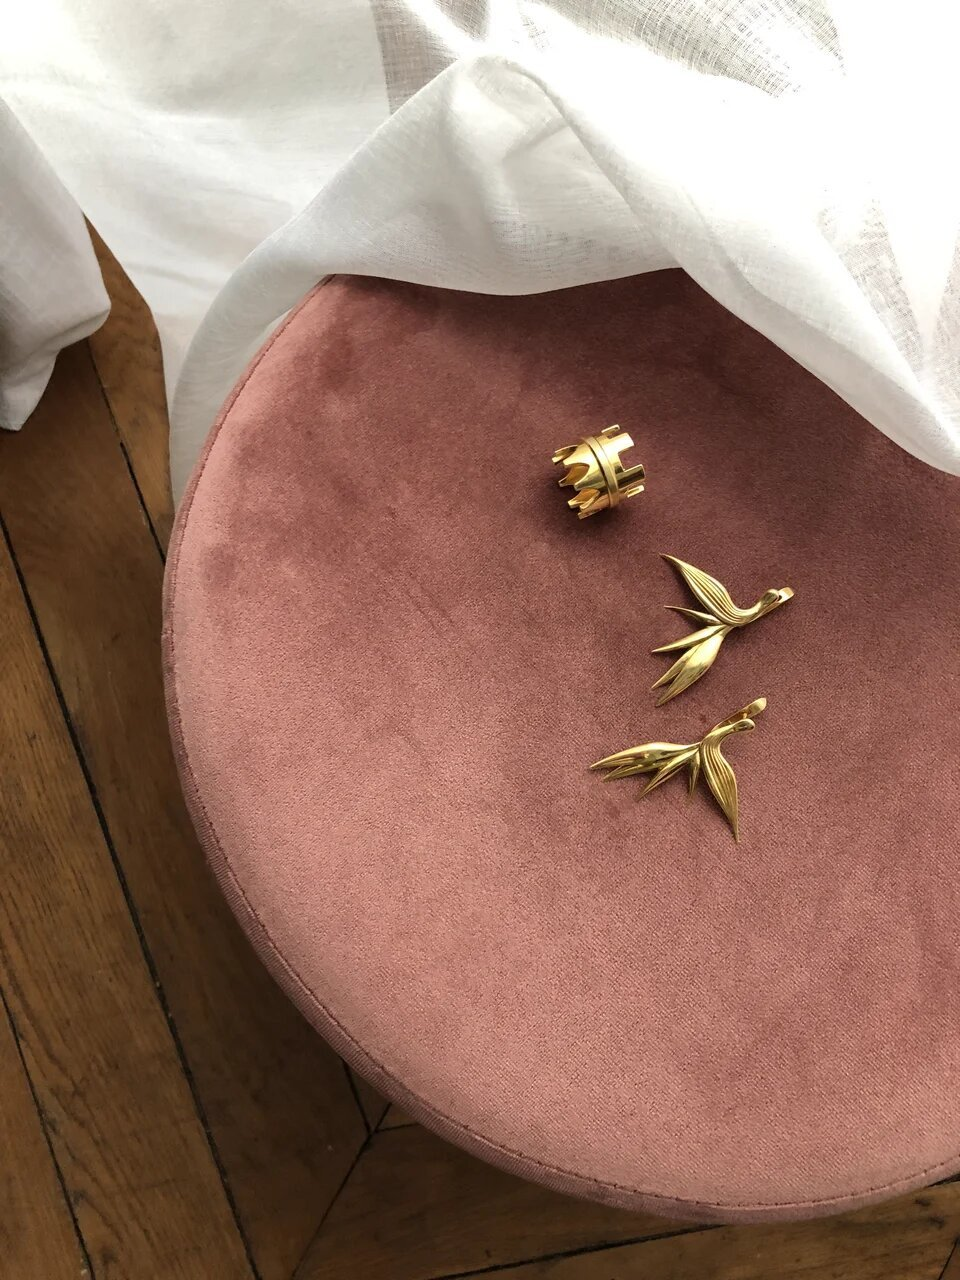 Яркие высказывания. Весомые произведения искусства. Серьги, кольцо серебро и золото. Крупные креативные украшения.